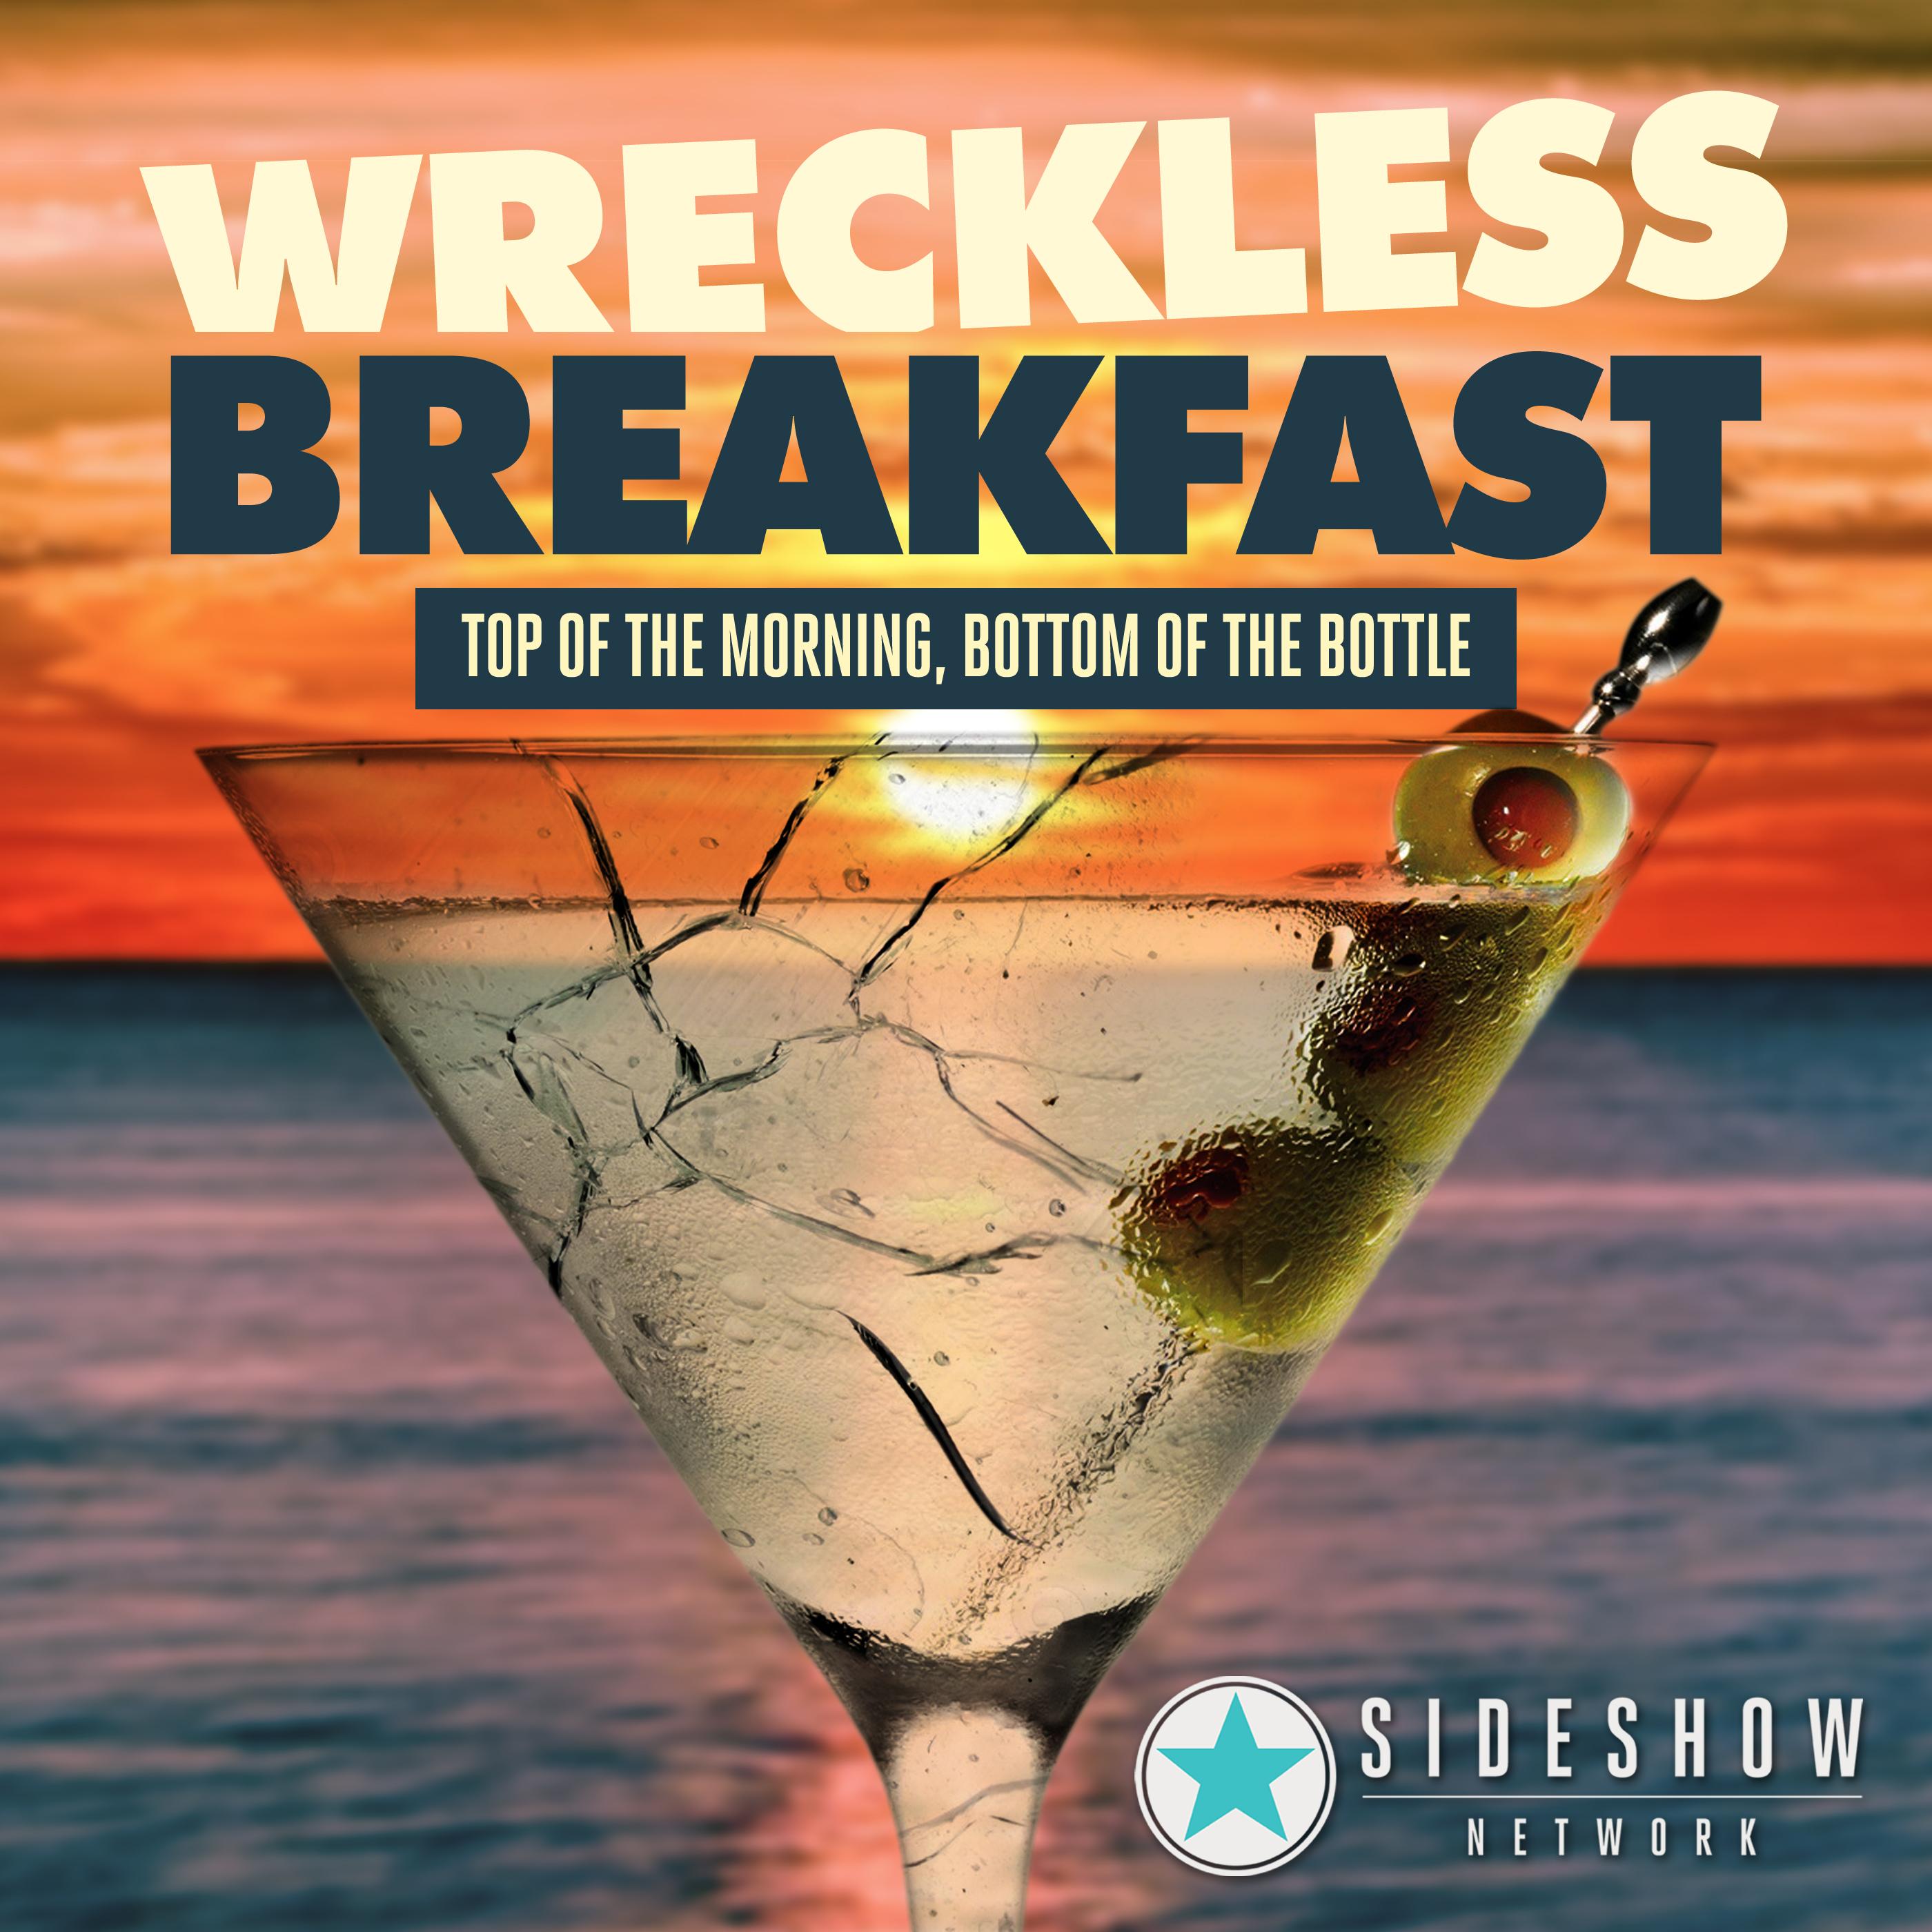 WrecklessBreakfast